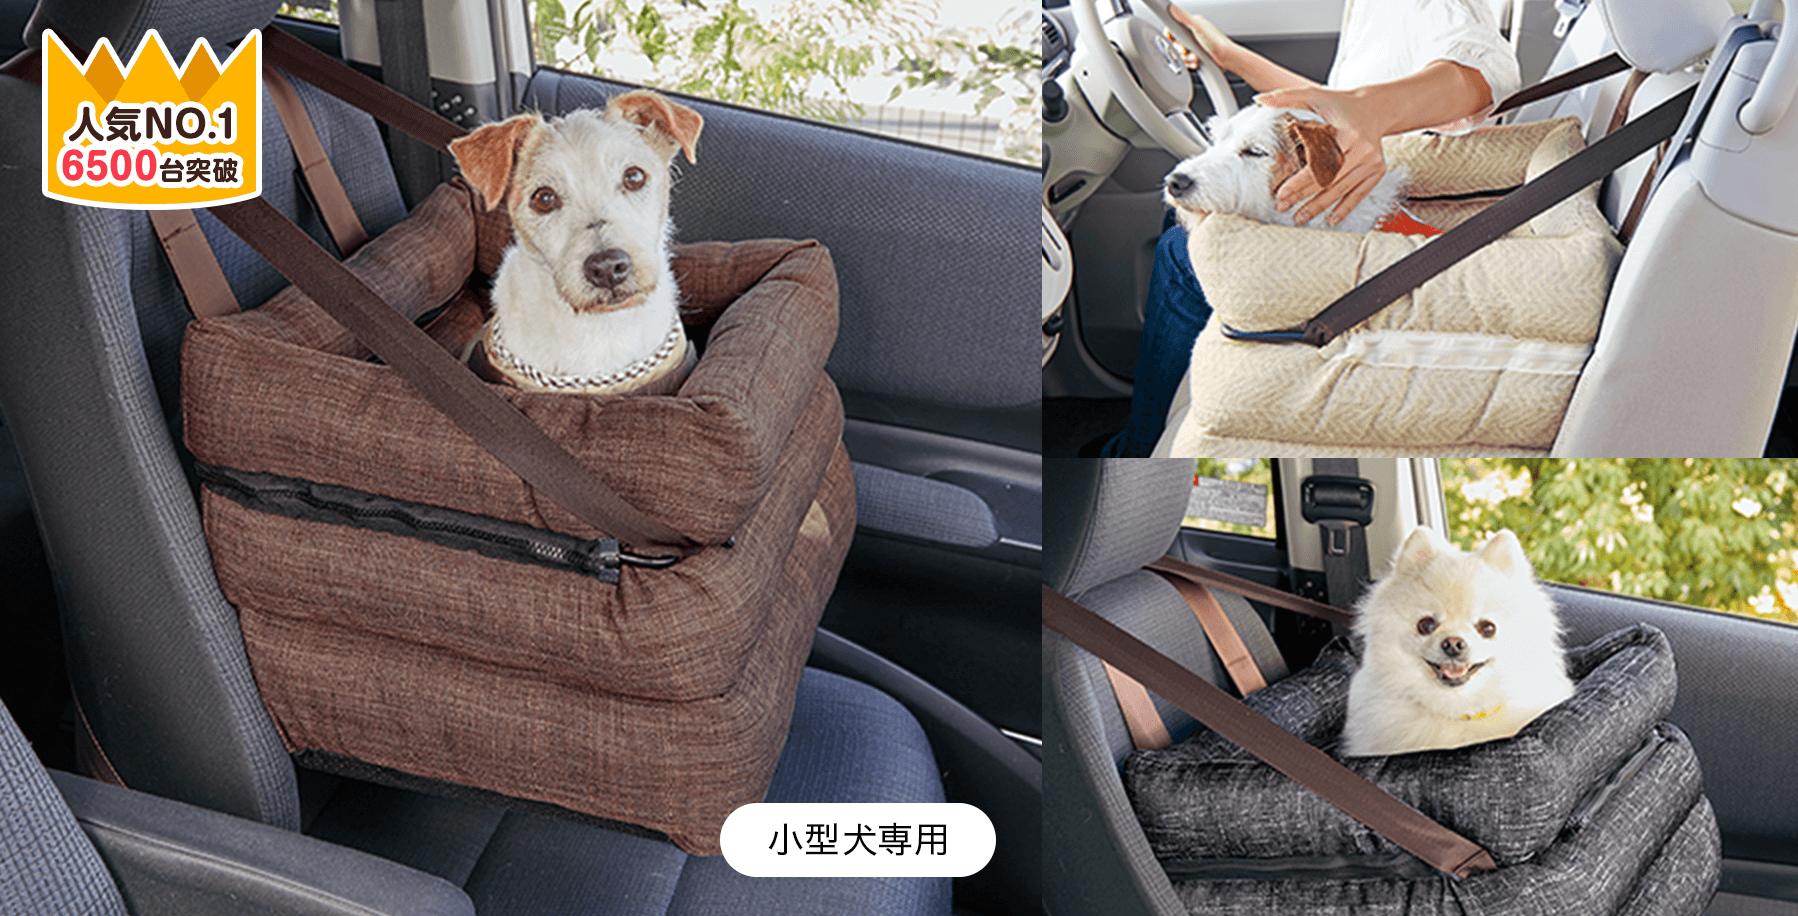 ソファボックス 小型犬専用 人気NO.1 6500台突破